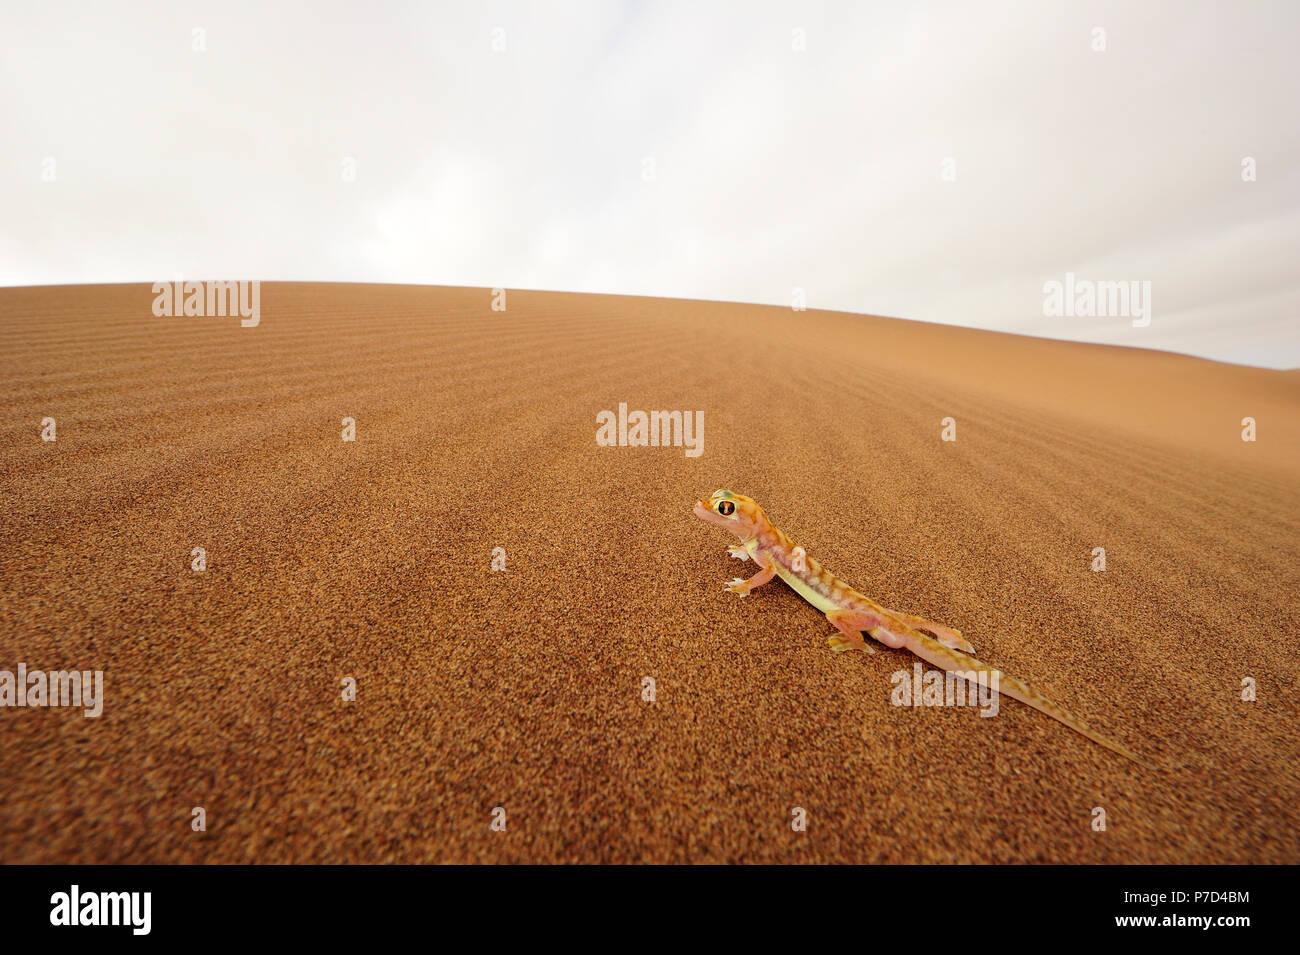 Palmato gecko, Namib desert near Swakopmund, Namibia - Stock Image